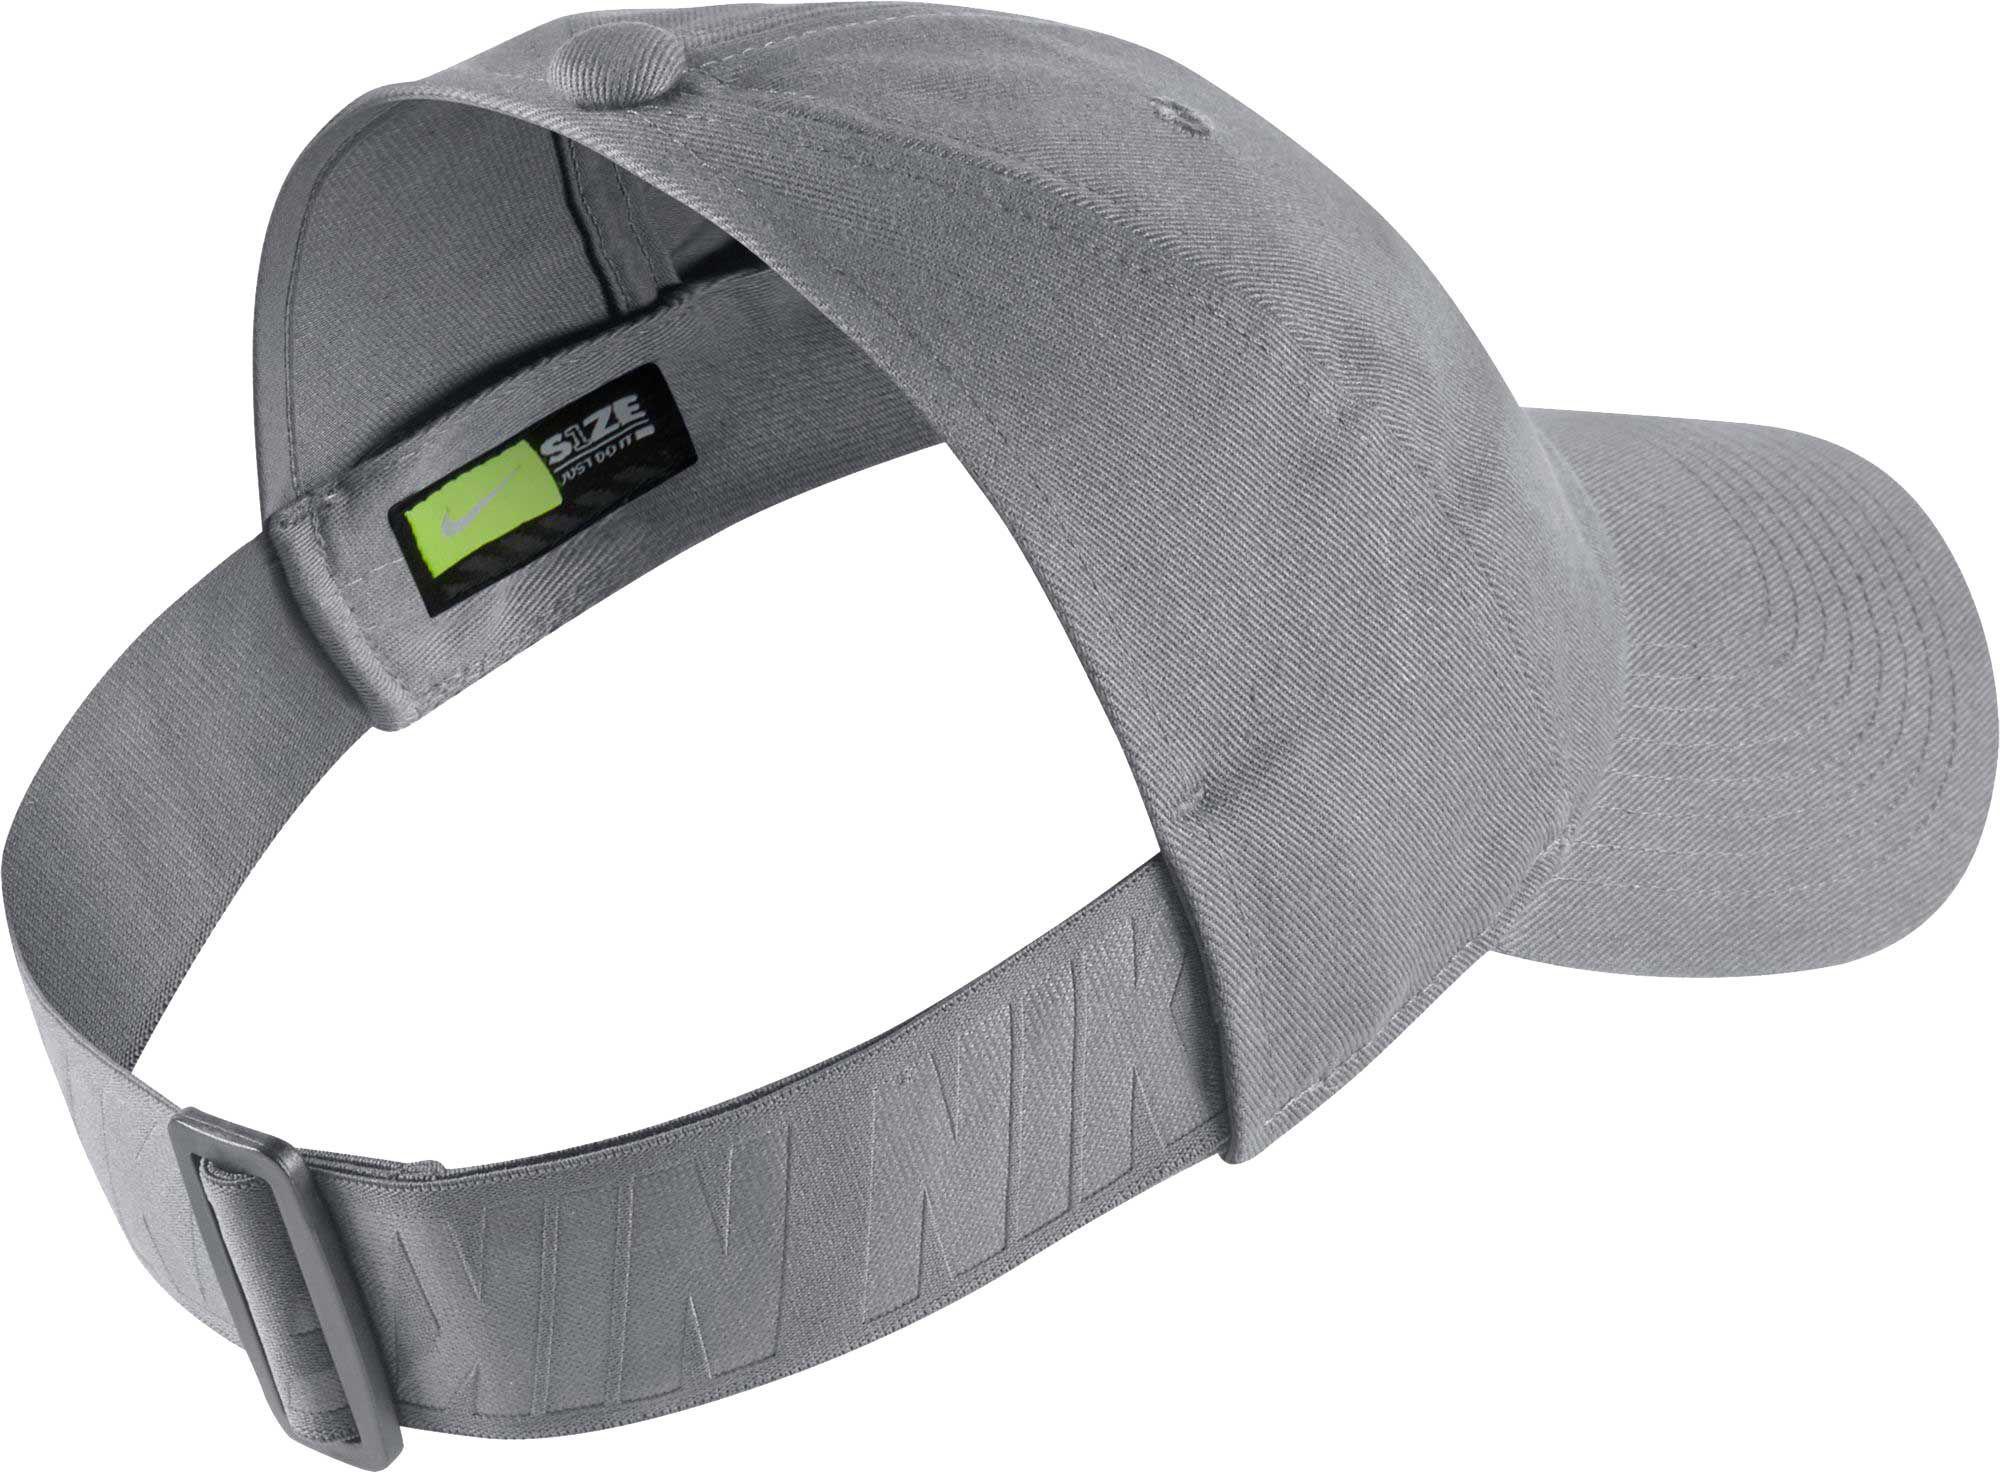 Lyst - Nike Sportswear Open Back Visor Hat in Gray f6544e317bc